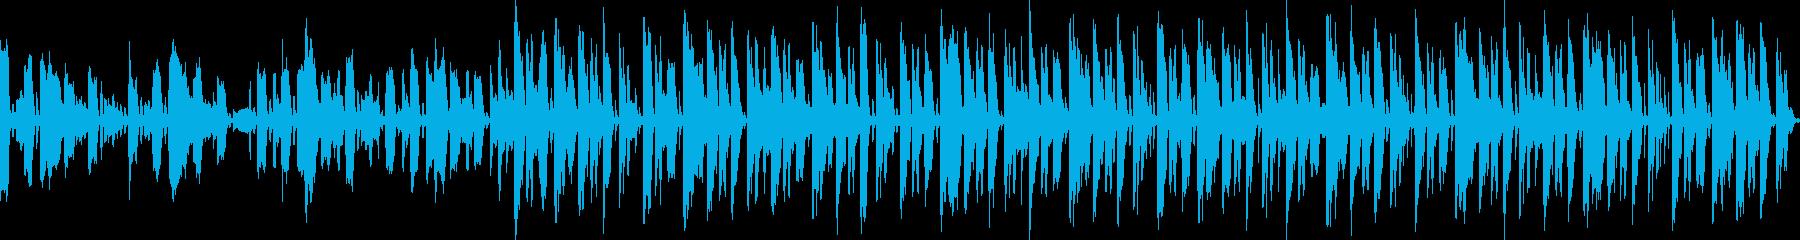 (loop)朗らかエレポップの再生済みの波形